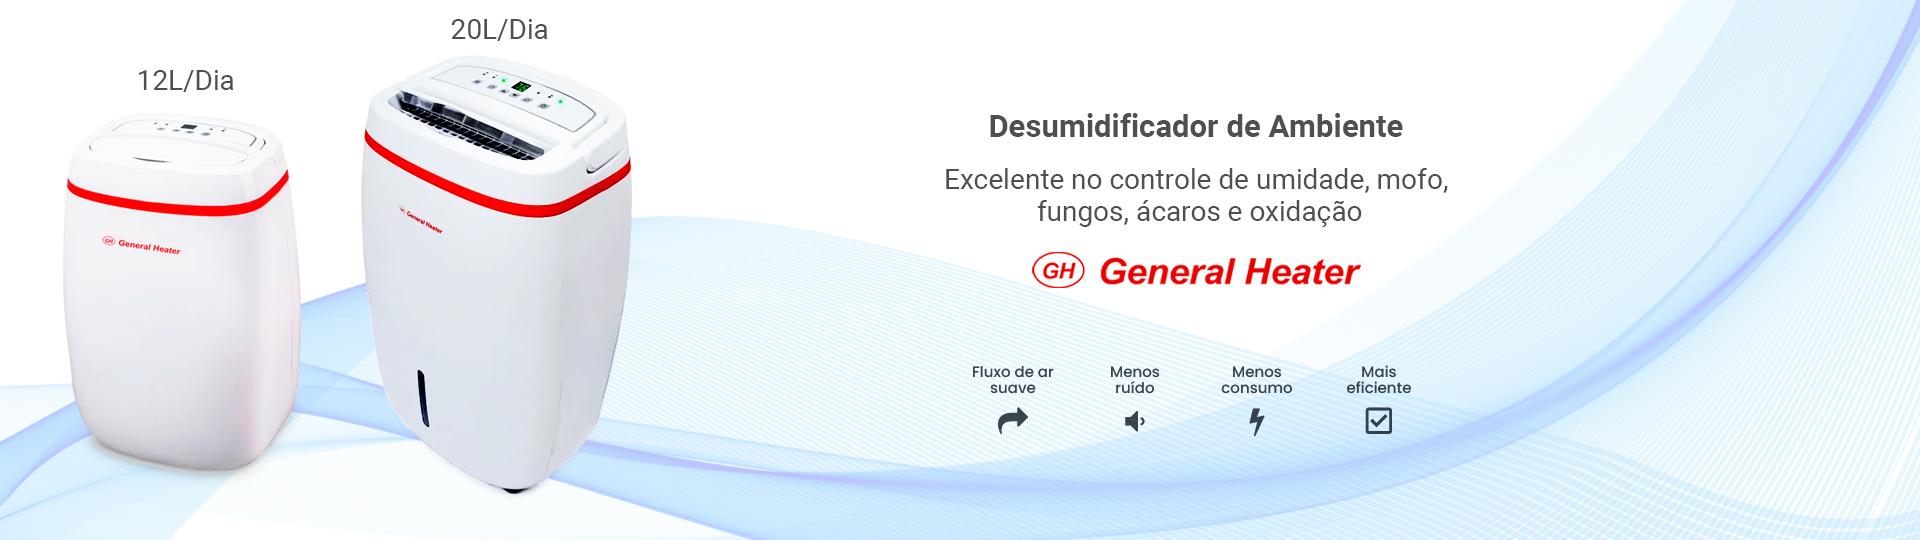 Desumidificador General Heater